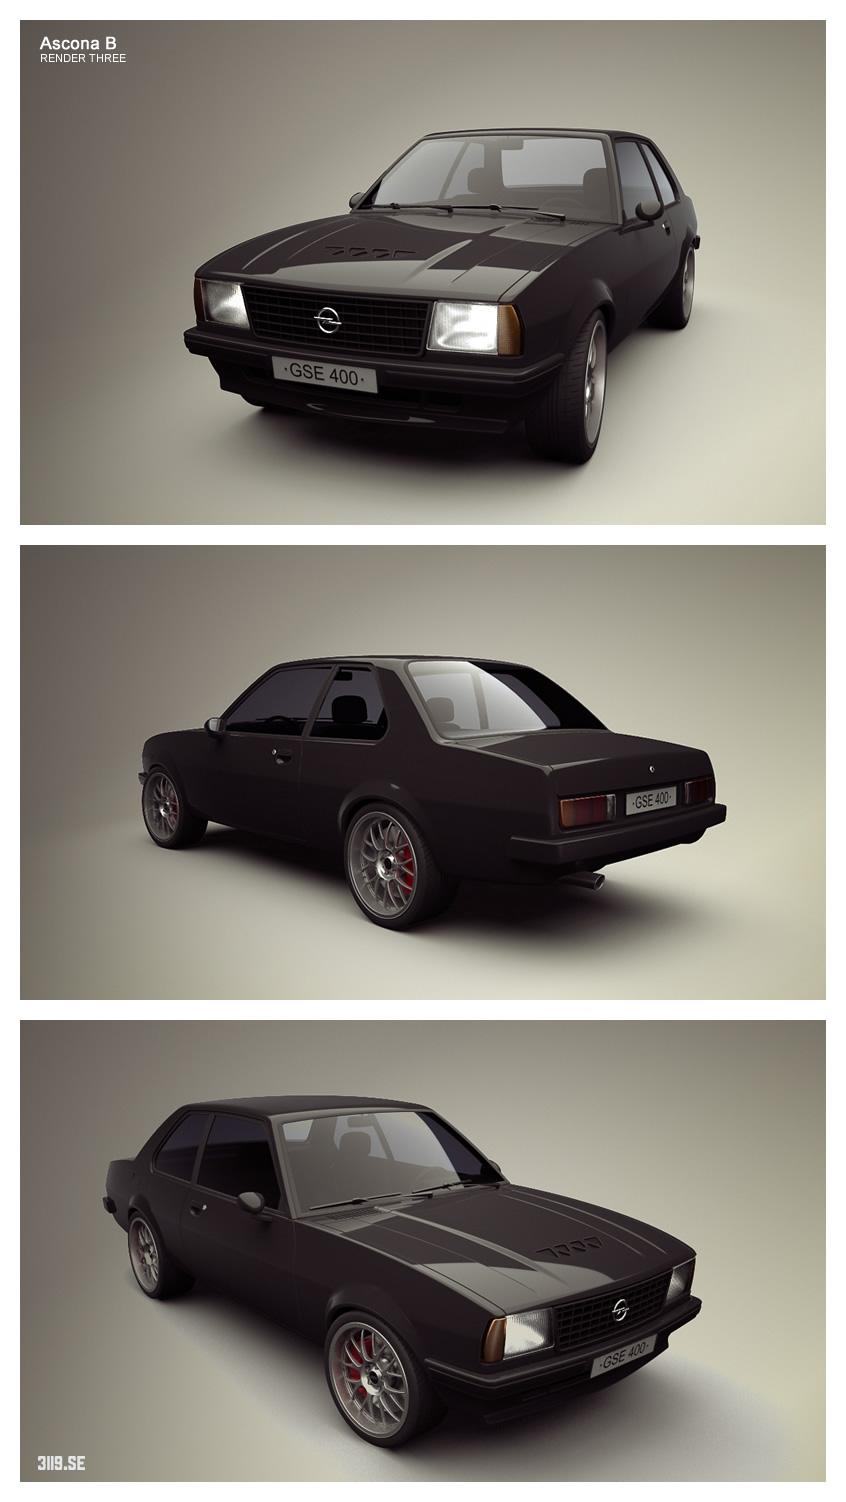 Opel Ascona Render Three by tetsuwan